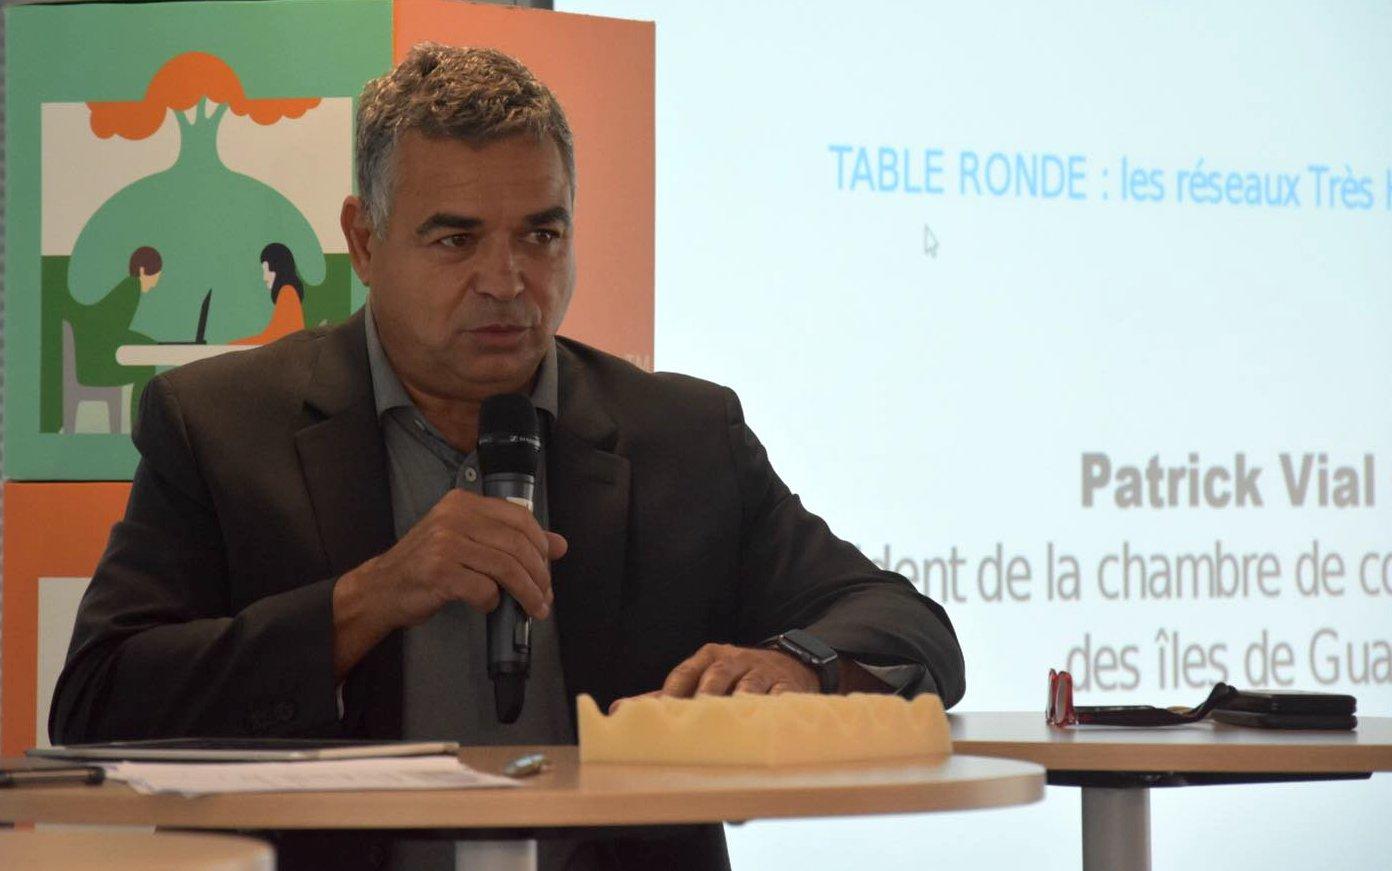 INTERVIEW. Économie : « Nous avons besoin de visibilité » déclare Patrick Vial-Collet, président de la CCI de Guadeloupe